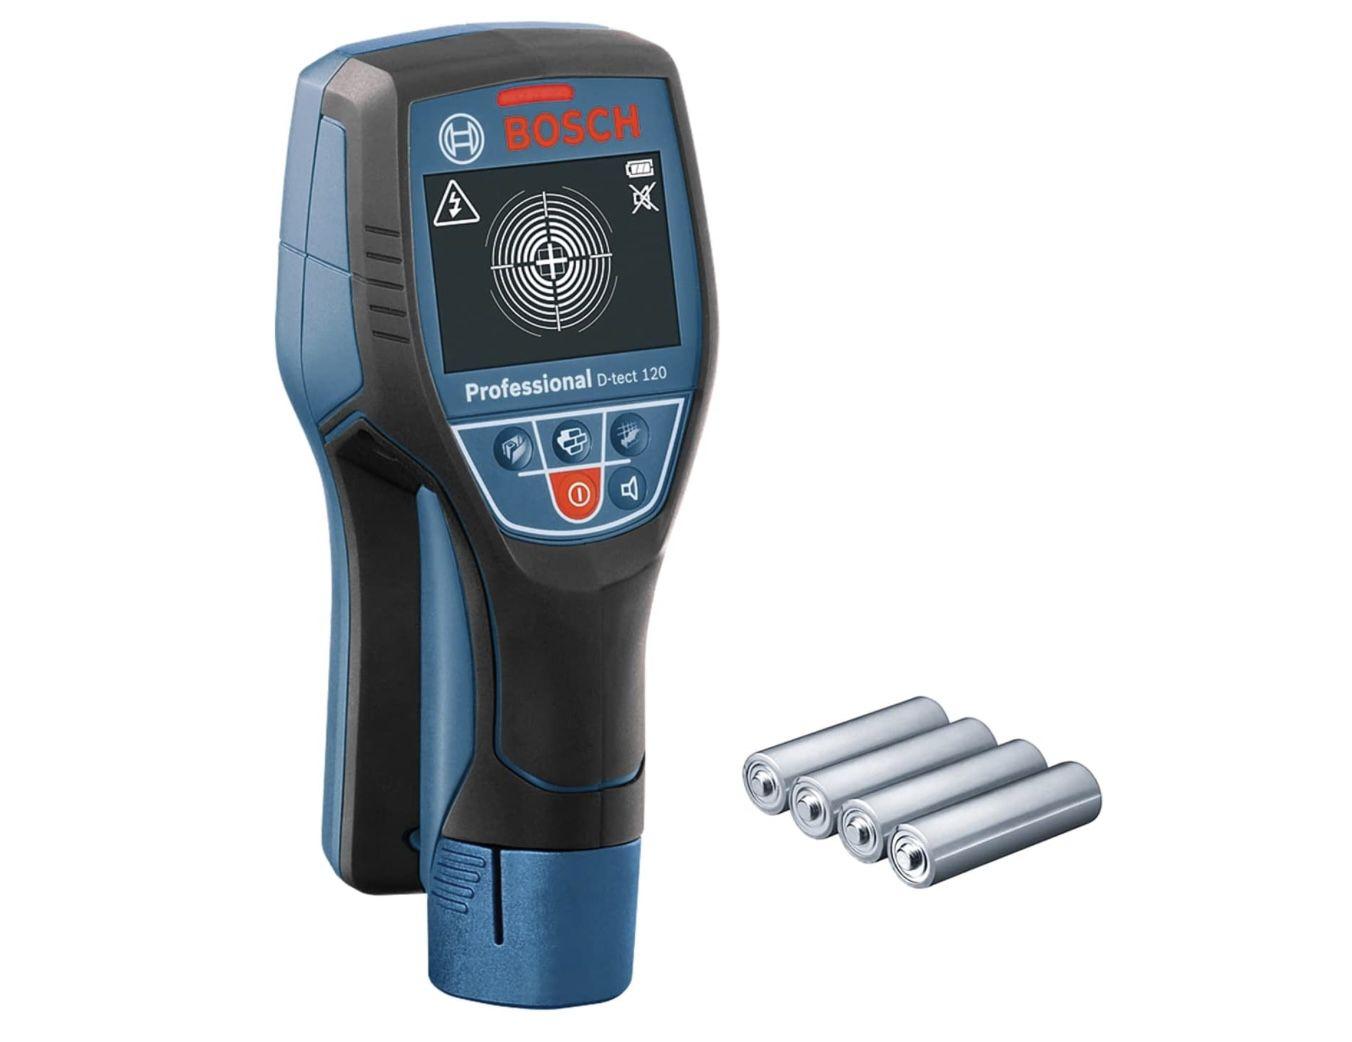 Bosch Professional Ortungsgerät D-tect 120 inkl. 4 x AA Batterien für 152,79€ (statt 176€)